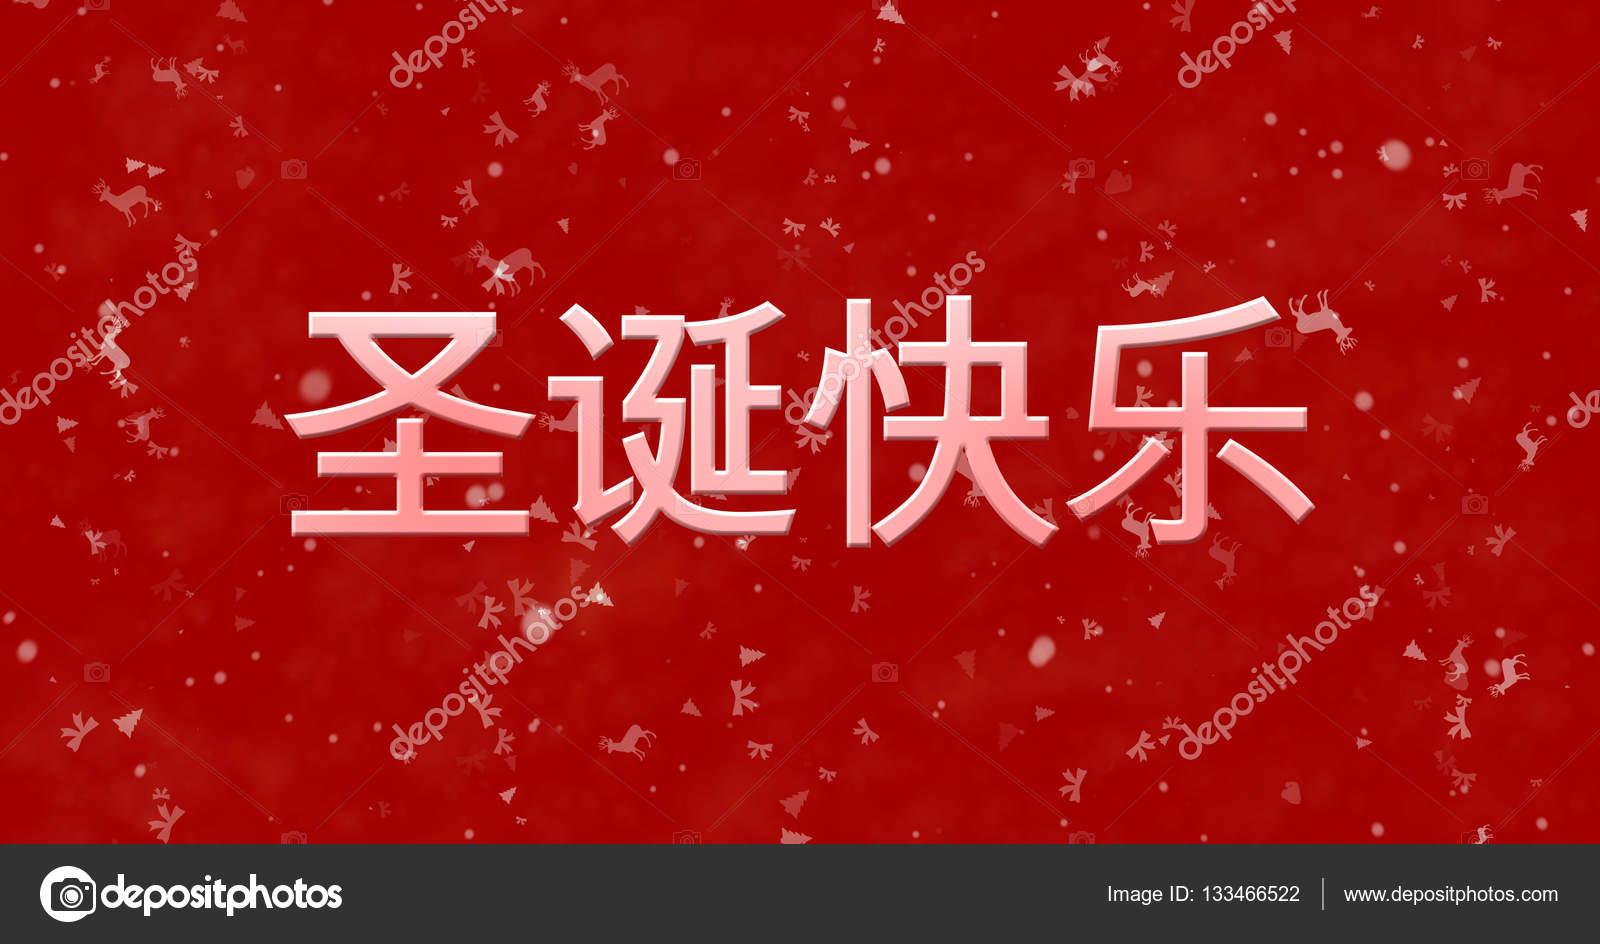 Frohe Weihnachten Text.Frohe Weihnachten Text In Chinesisch Auf Rotem Grund